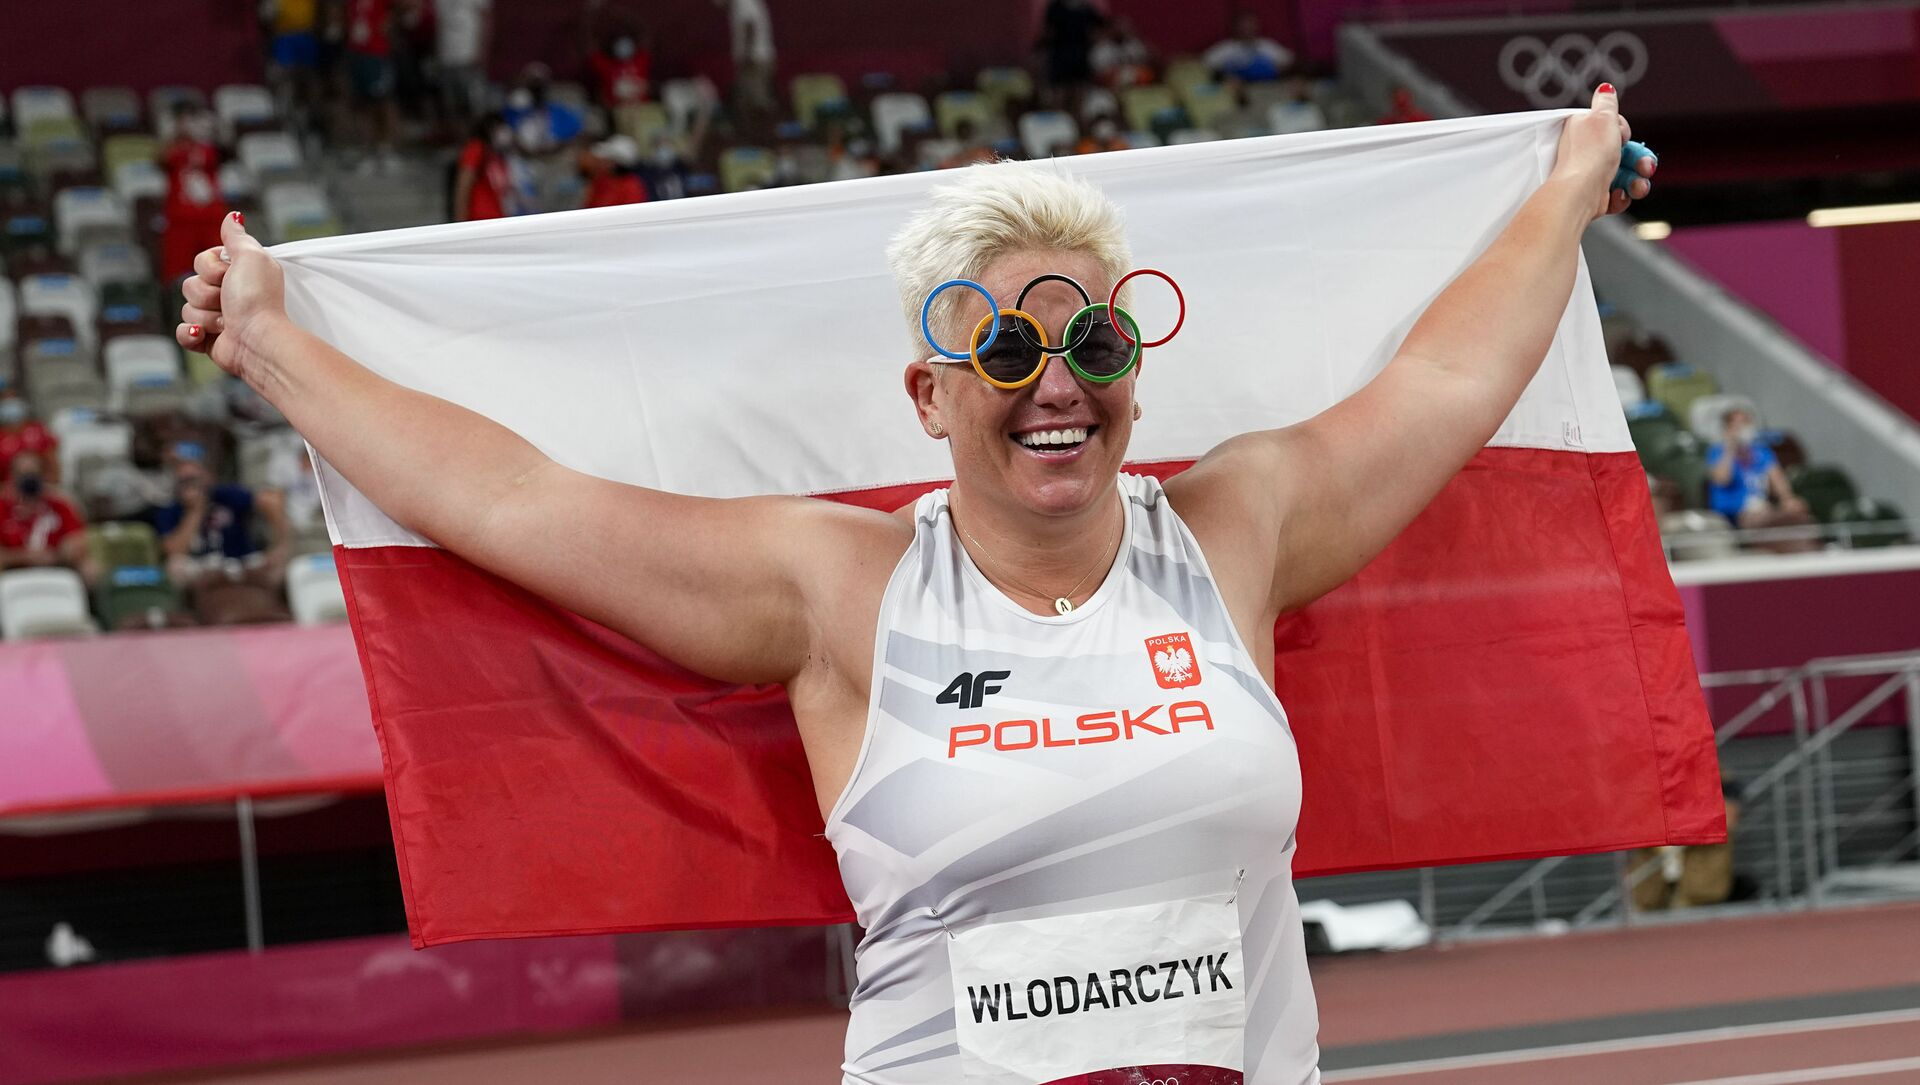 Polonyalı çekiççi Wlodarczyk, rakibinin eldivenleriyle üst üste 3 olimpiyat altın madalyası kazandı - Sputnik Türkiye, 1920, 04.08.2021